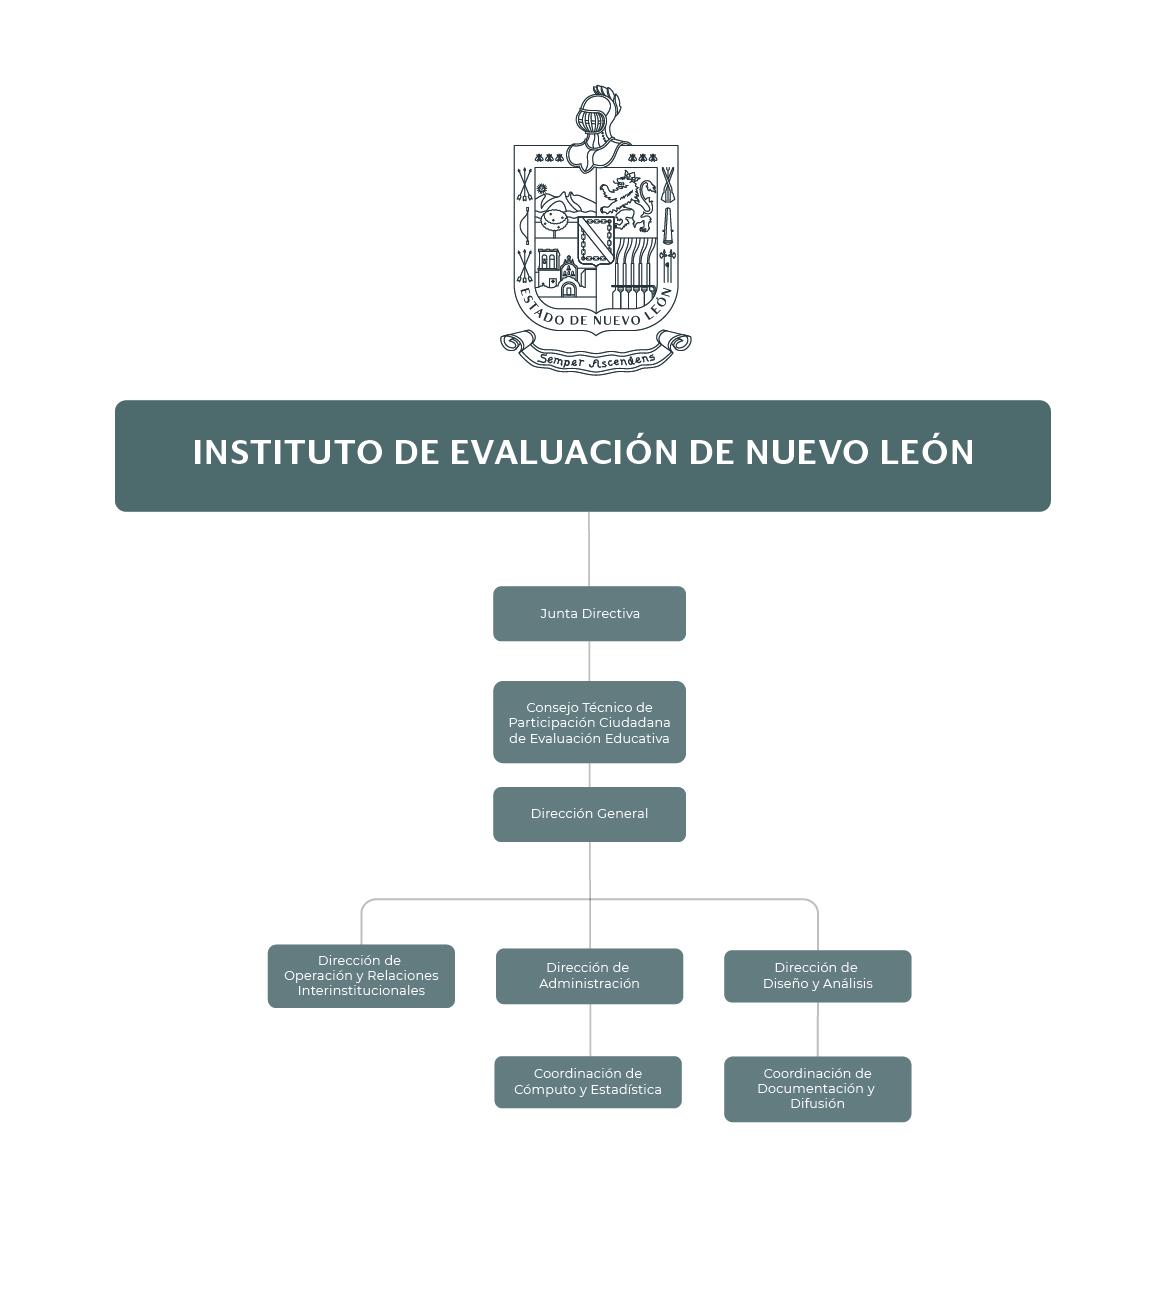 Organigrama del Instituto de Evaluación Educativa de Nuevo León